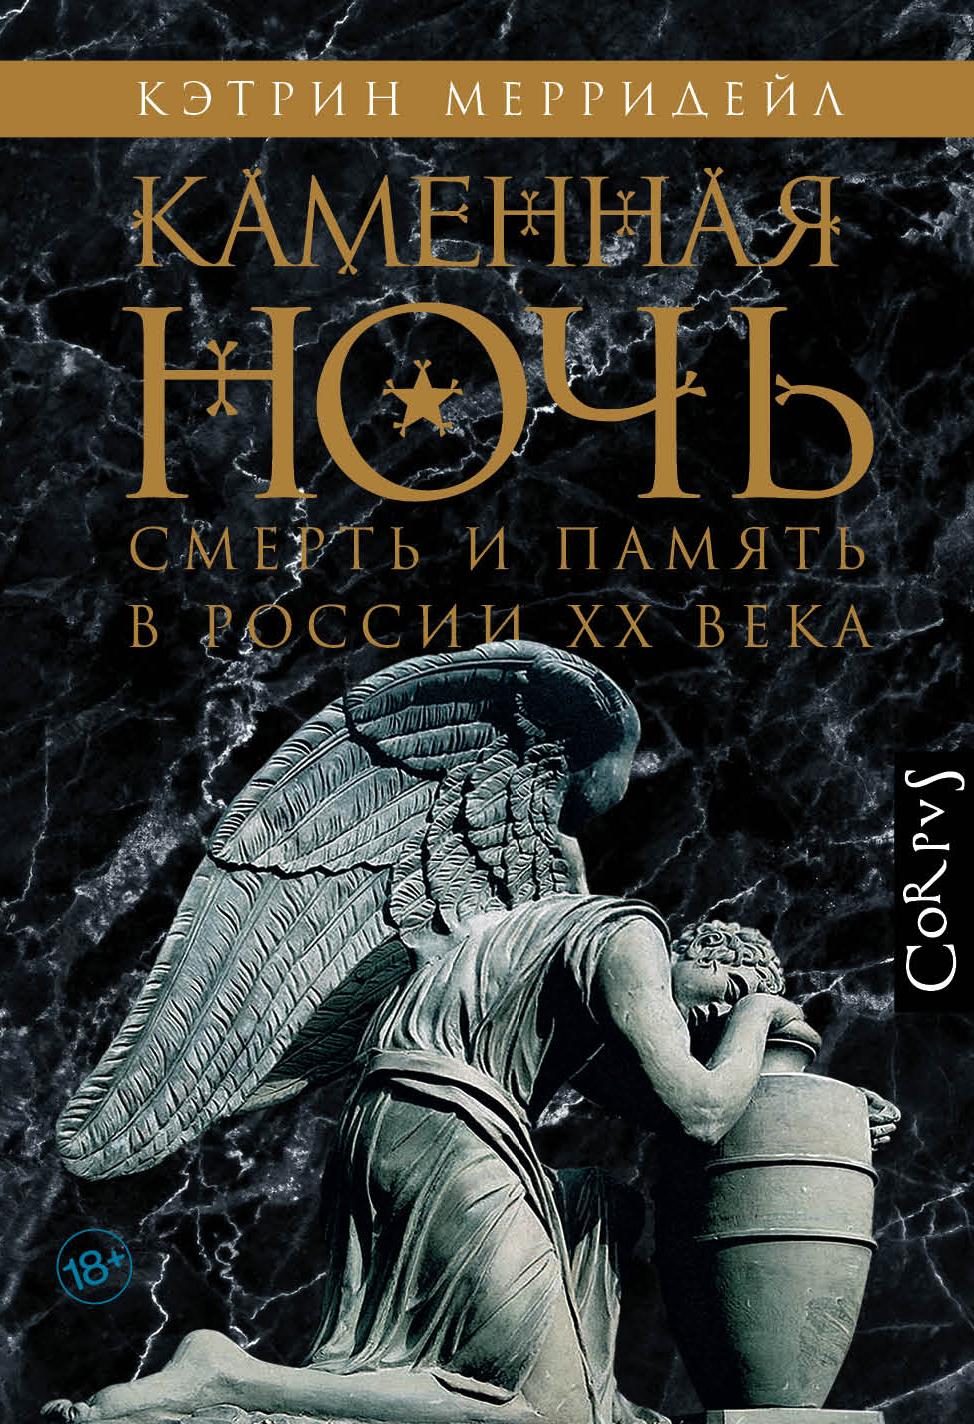 Кэтрин Мерридейл «Каменная ночь. Смерть и память в России XX века»